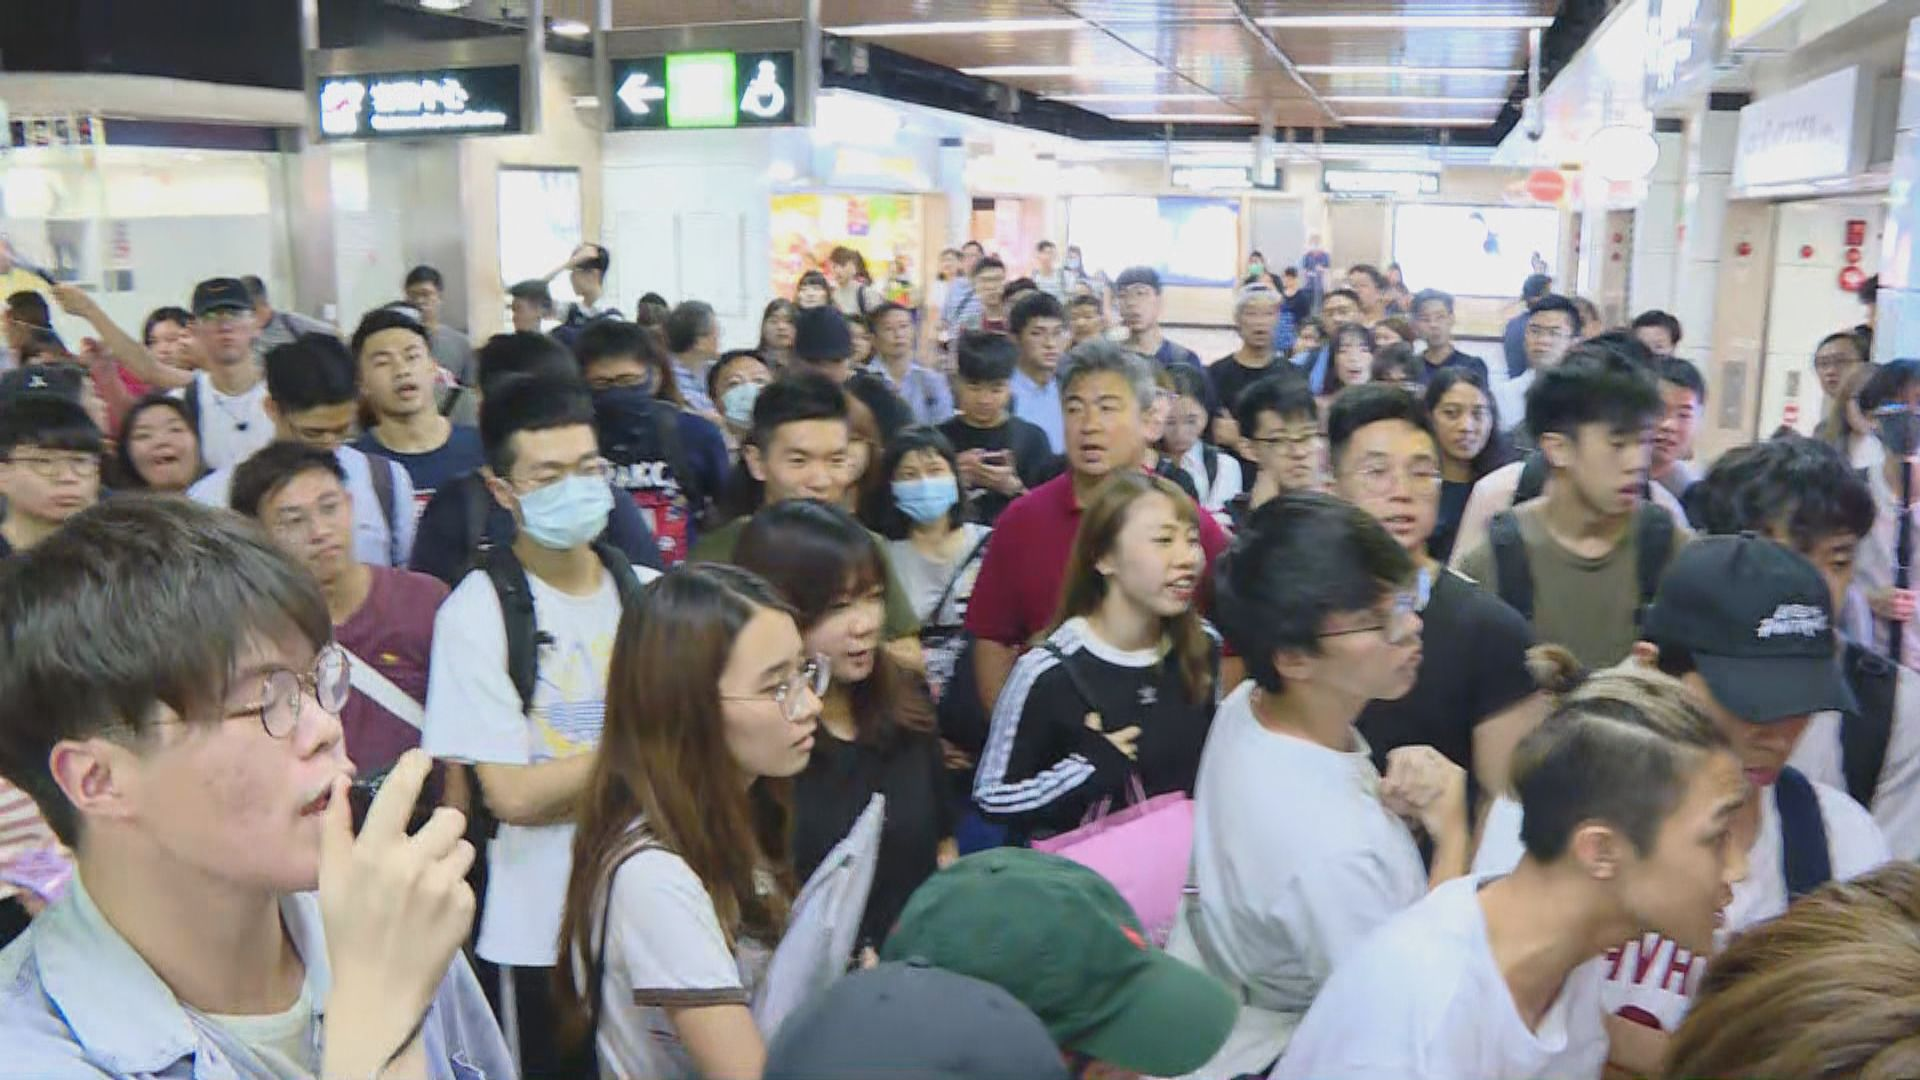 沙田站有青年疑跳閘後被打 有人破壞警驅散